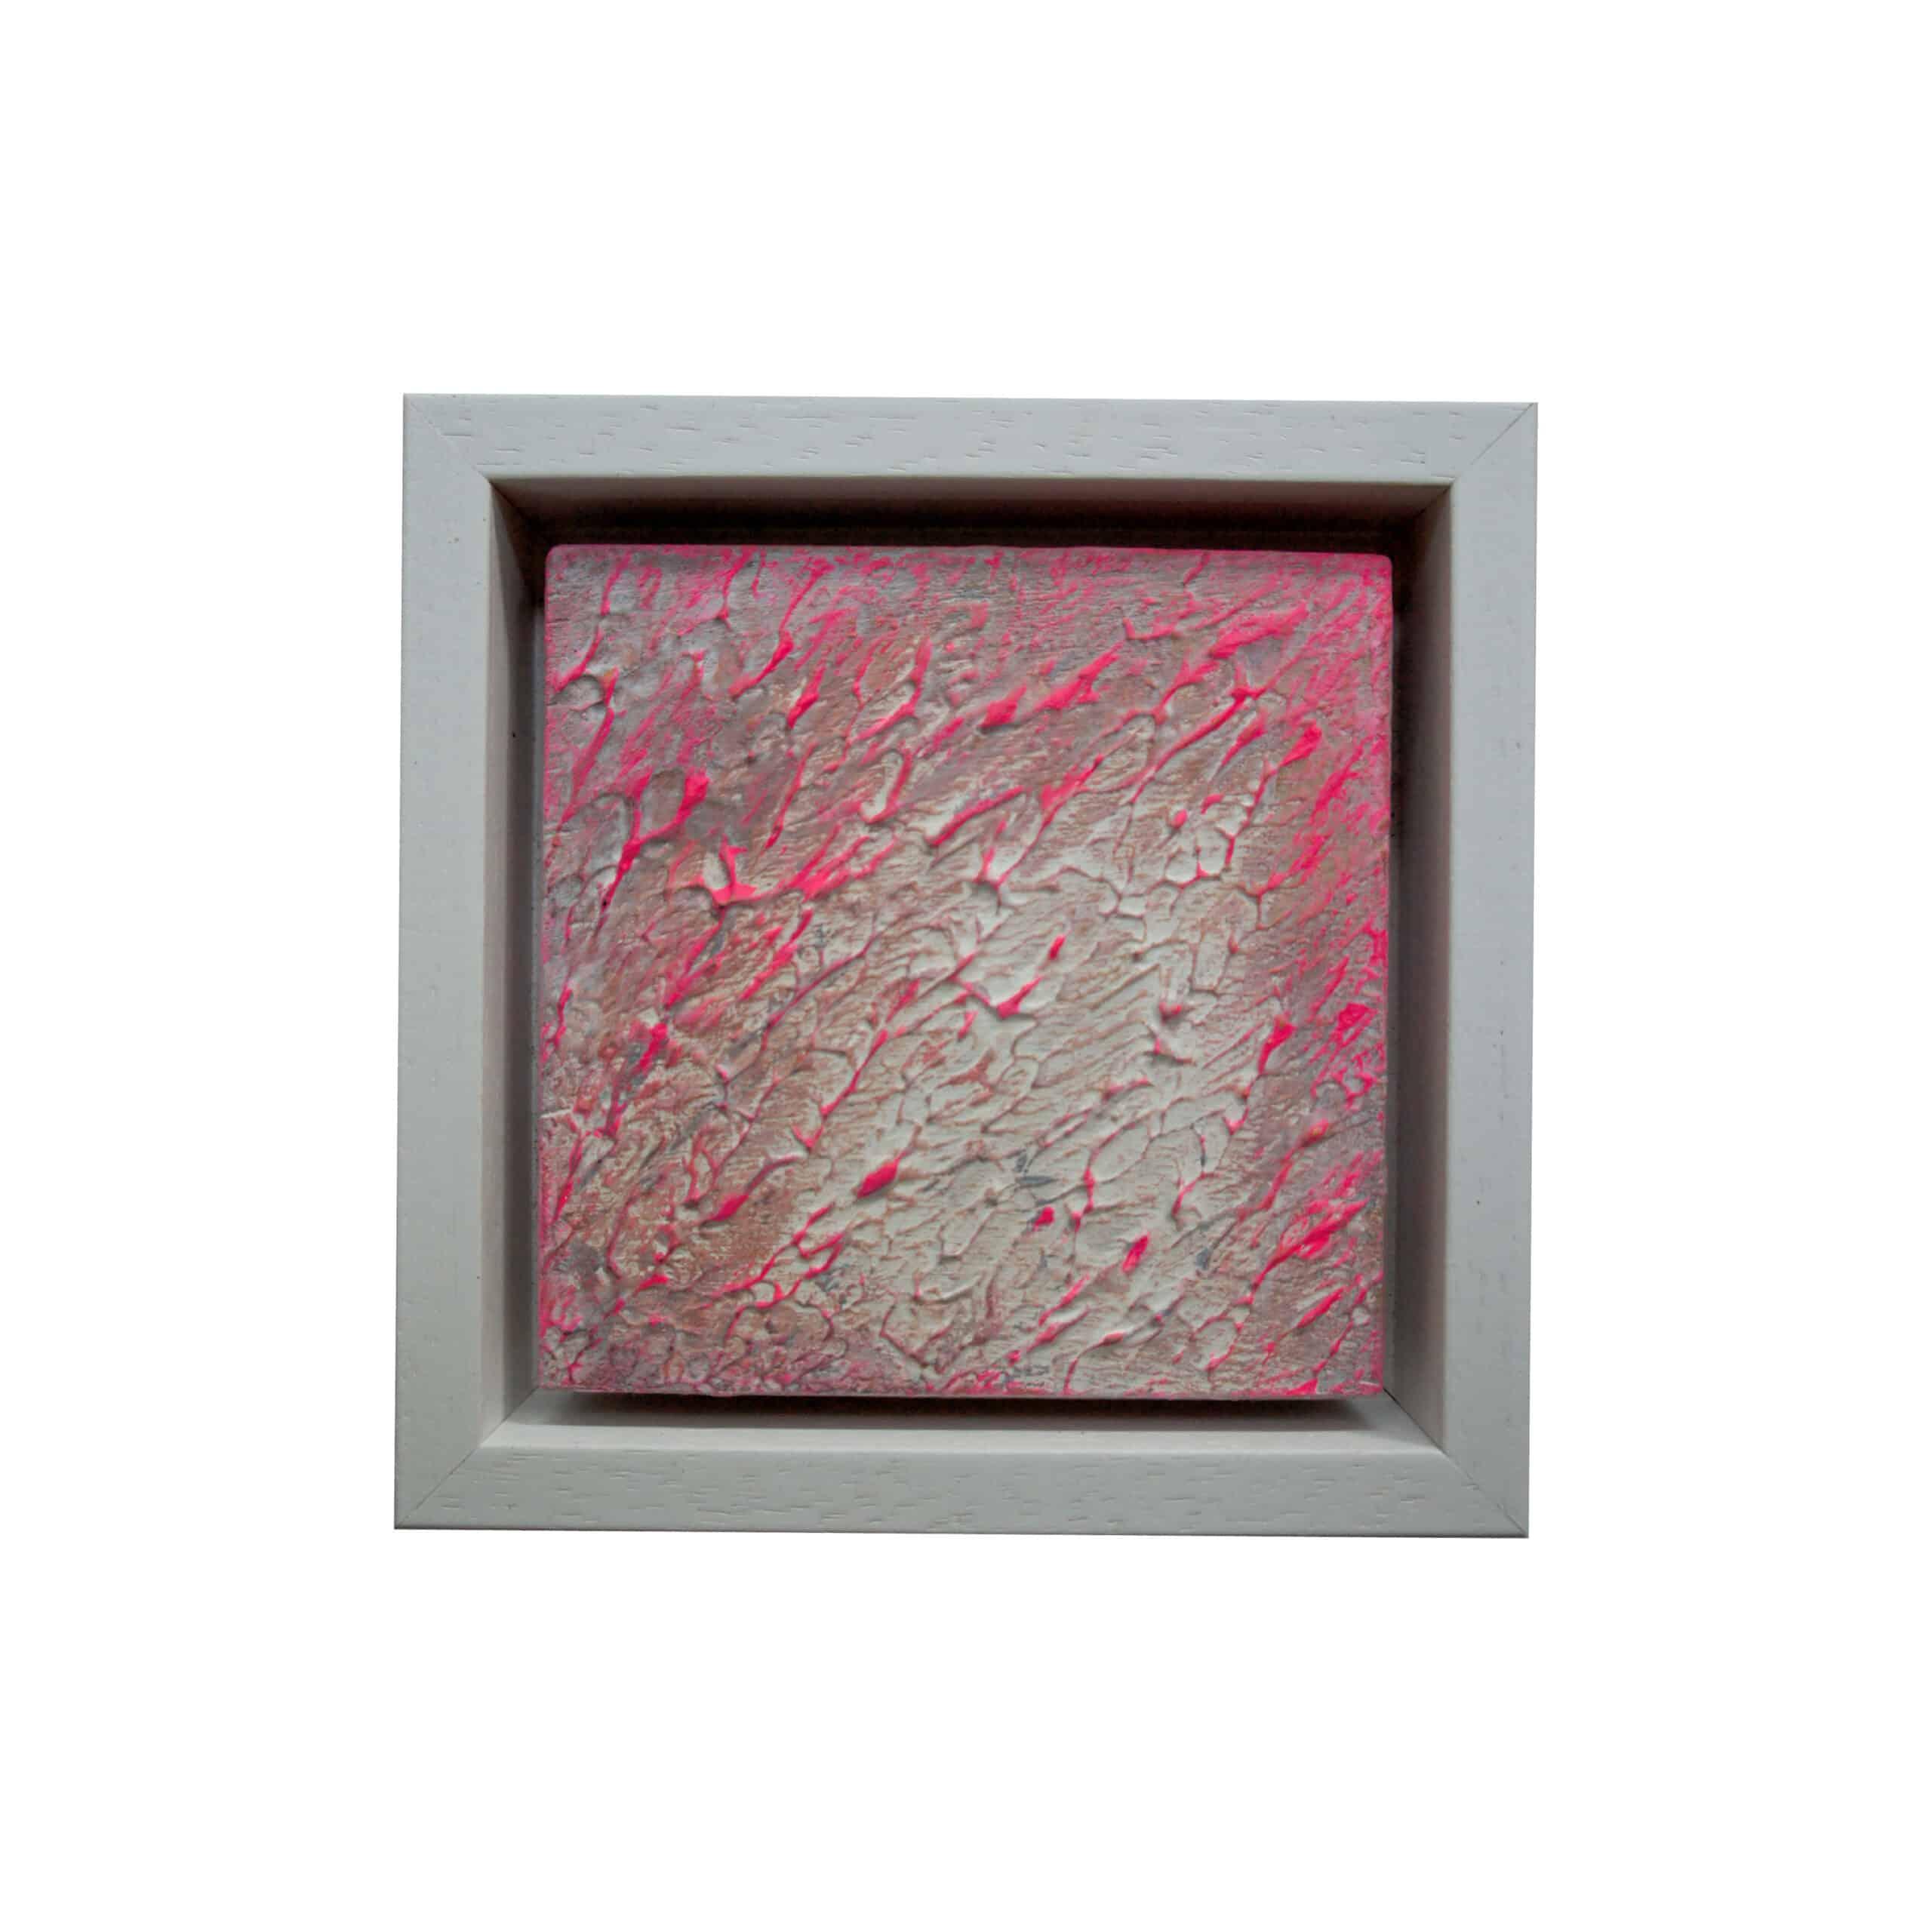 Zandstructuren acryl op hout